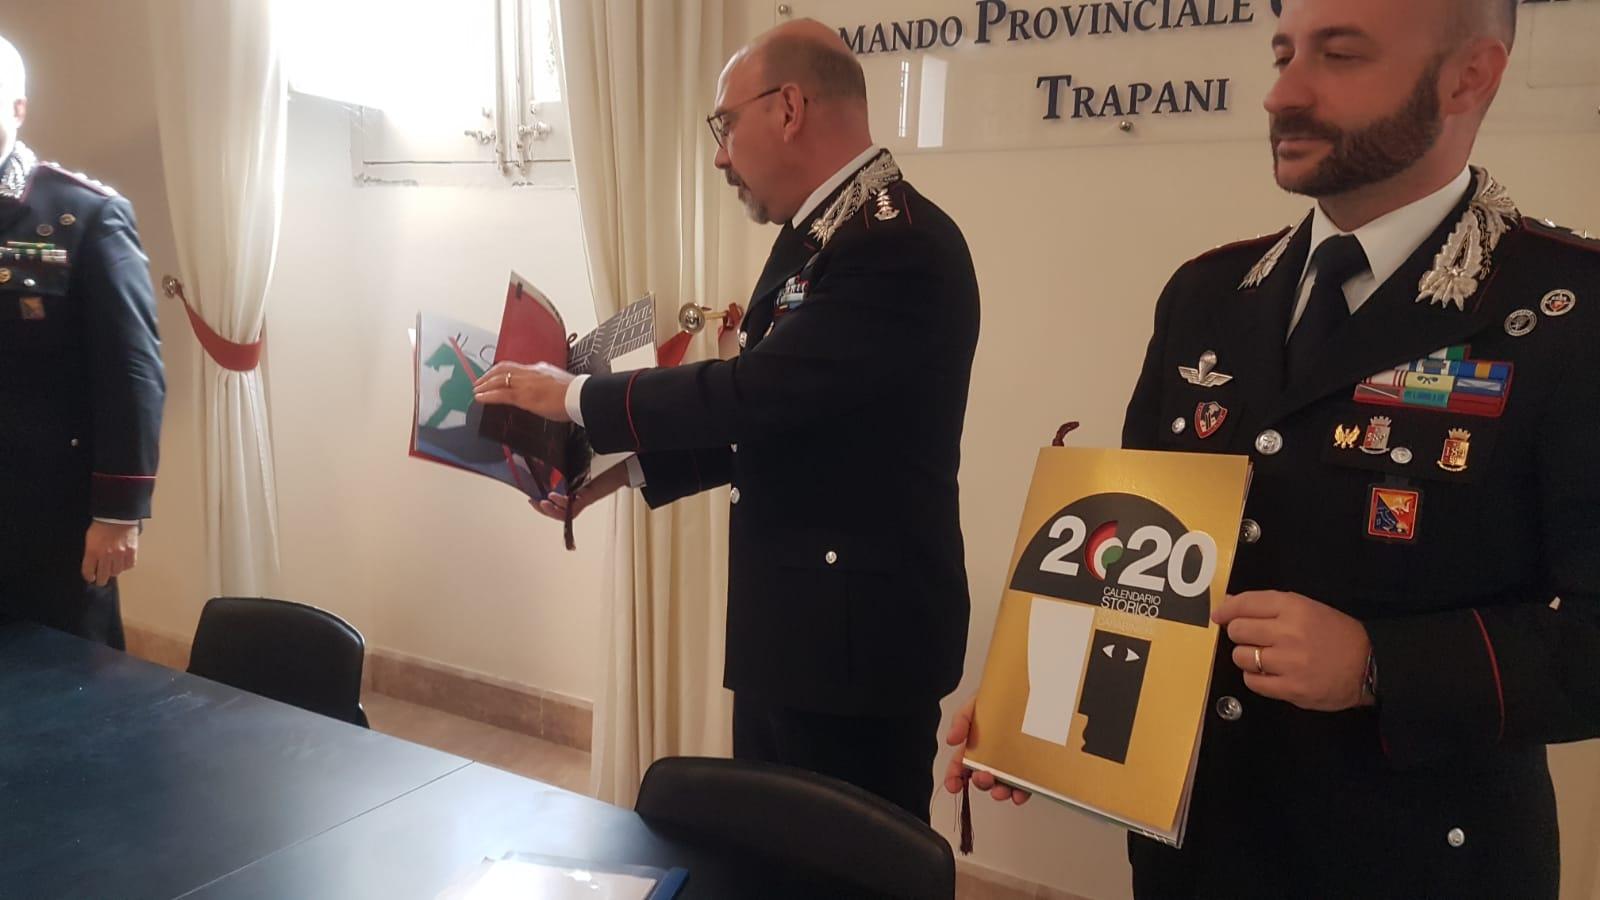 Presentato a Trapani il calendario 2020 dei Carabinieri - Tp24